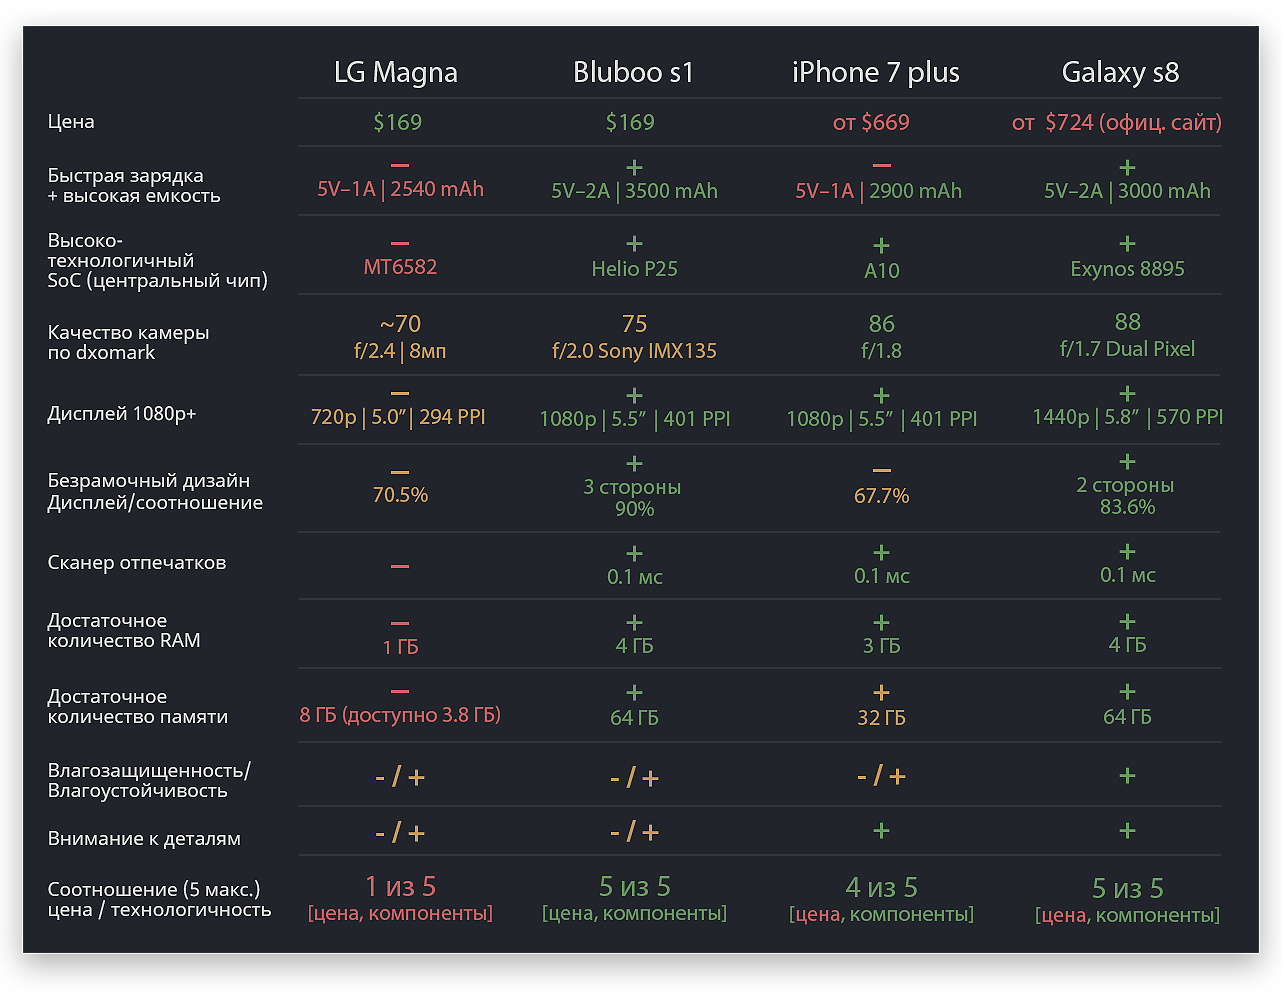 Компоненты и технологии в смартфонах 2017 года & обзор бюджетного «безрамочного» Bluboo s1 - 3